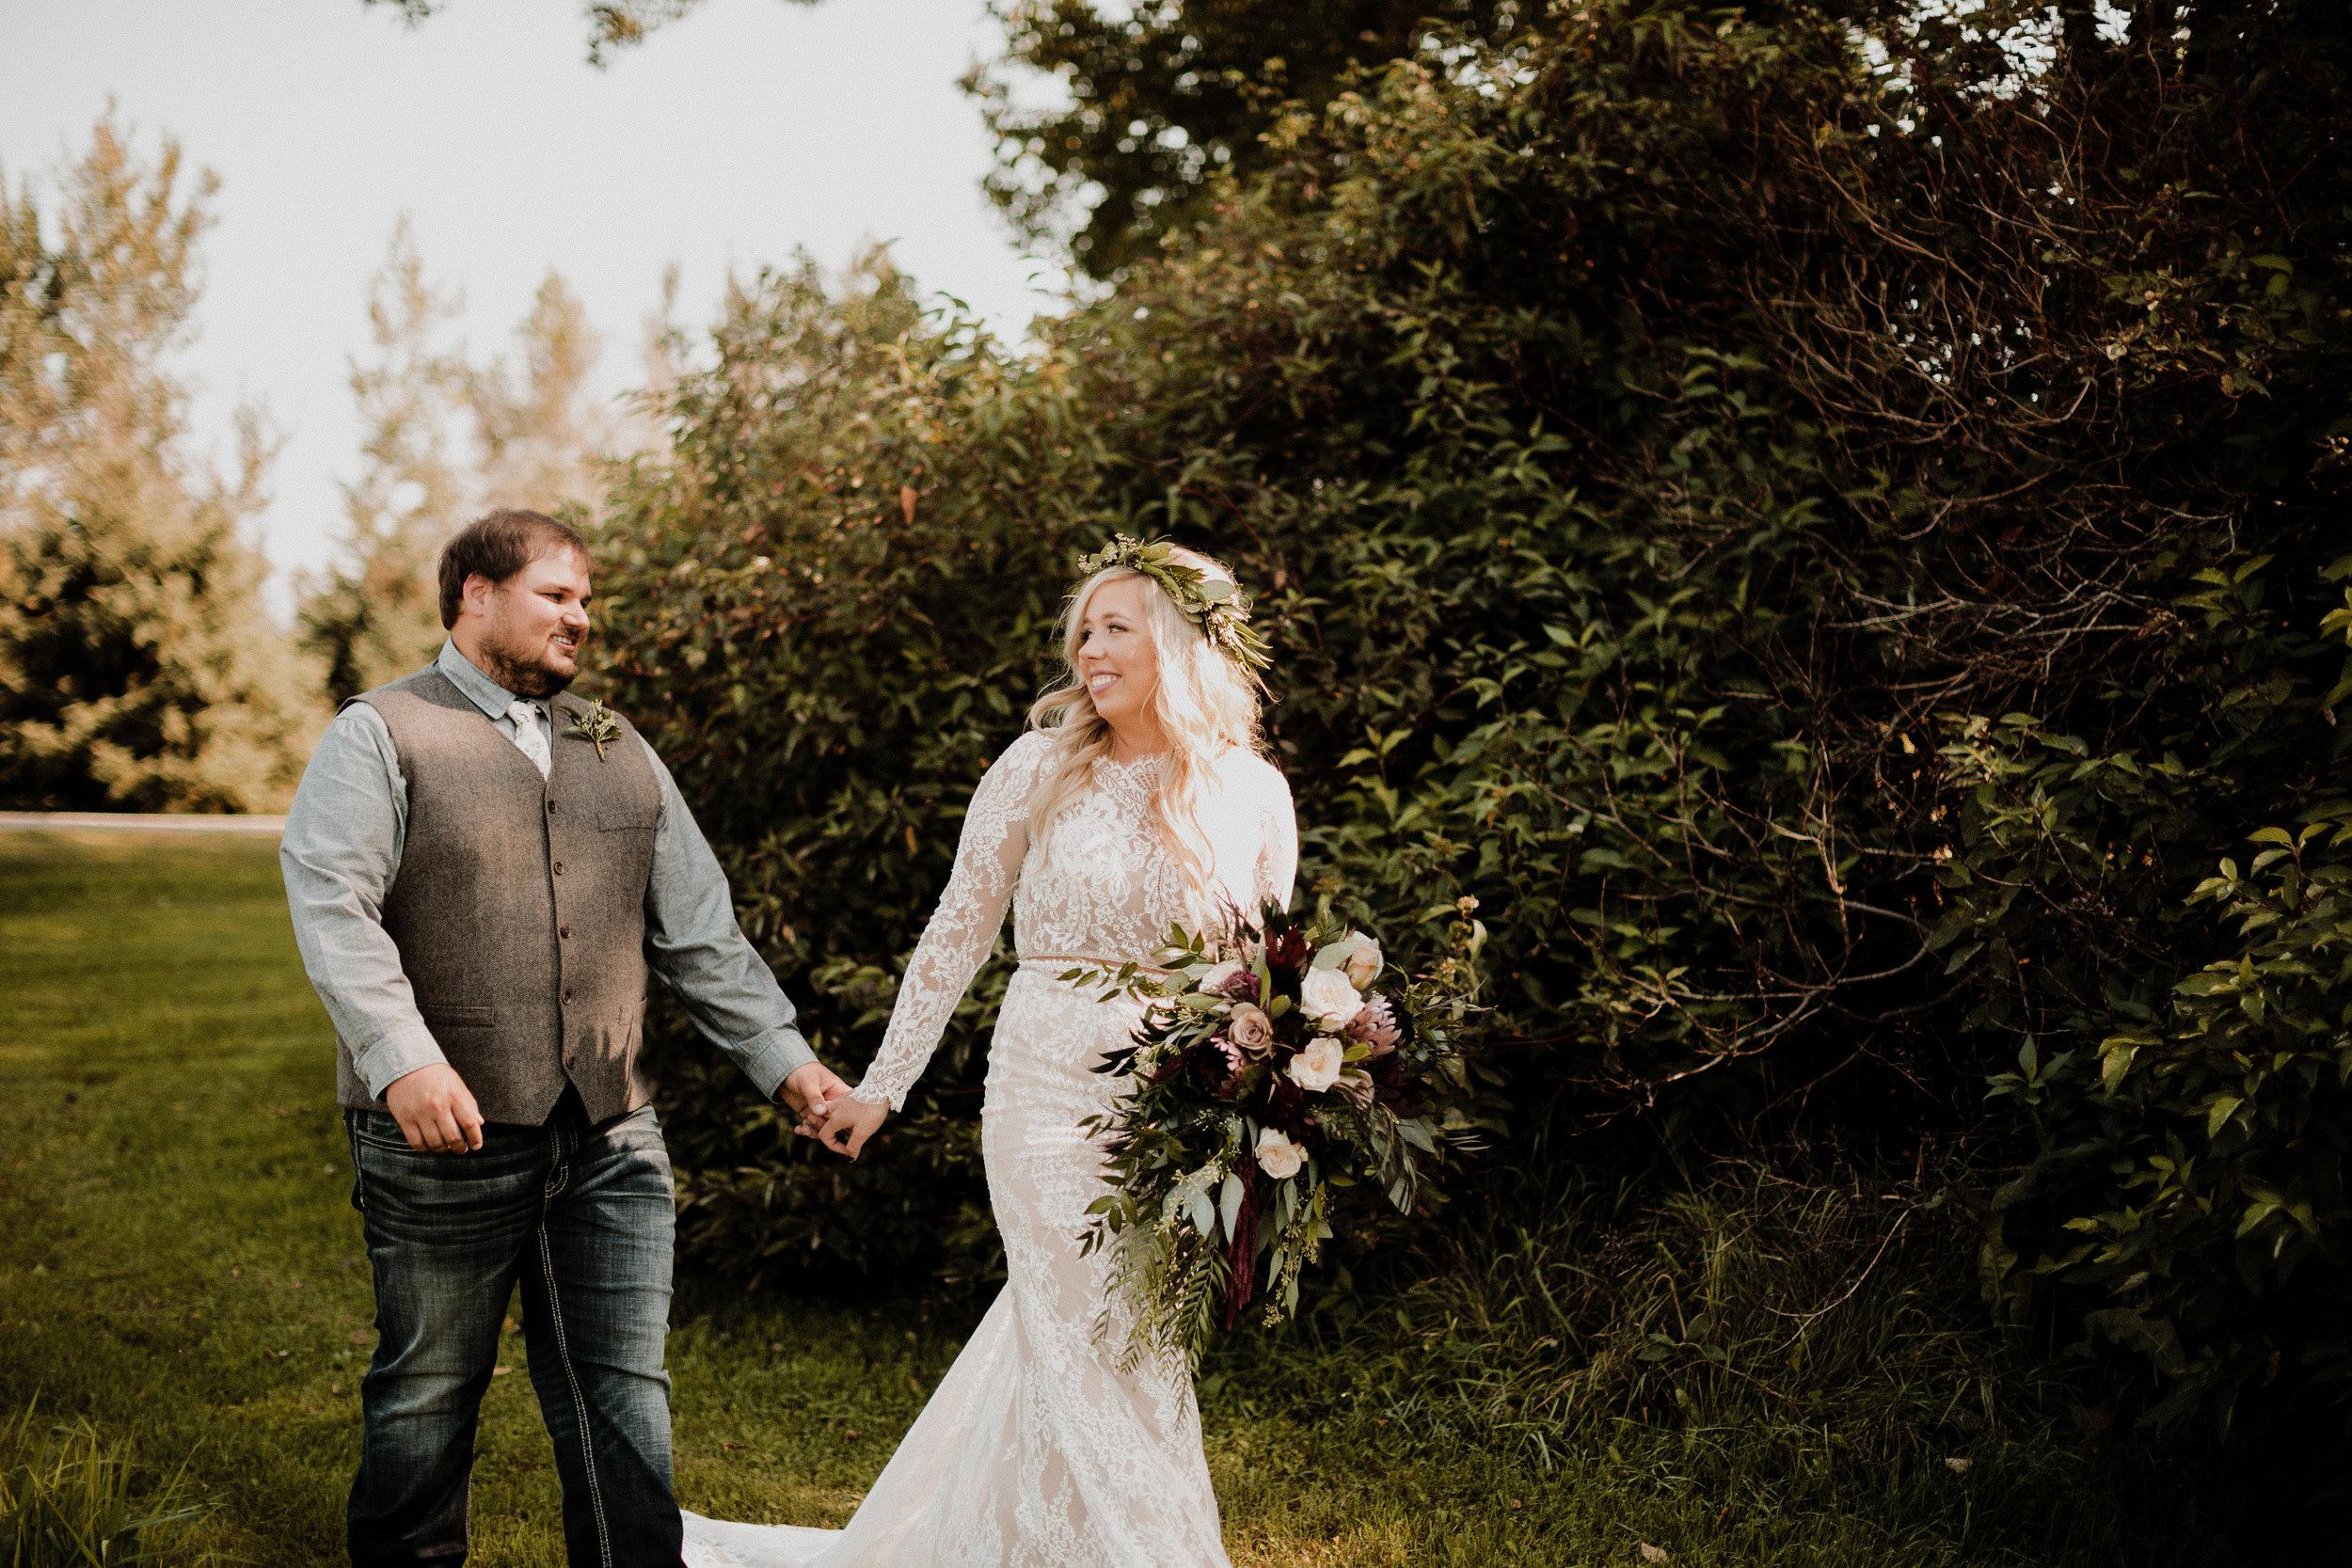 Skylar+Brock_Wedding_TonyaHjortPhotography-347.jpg